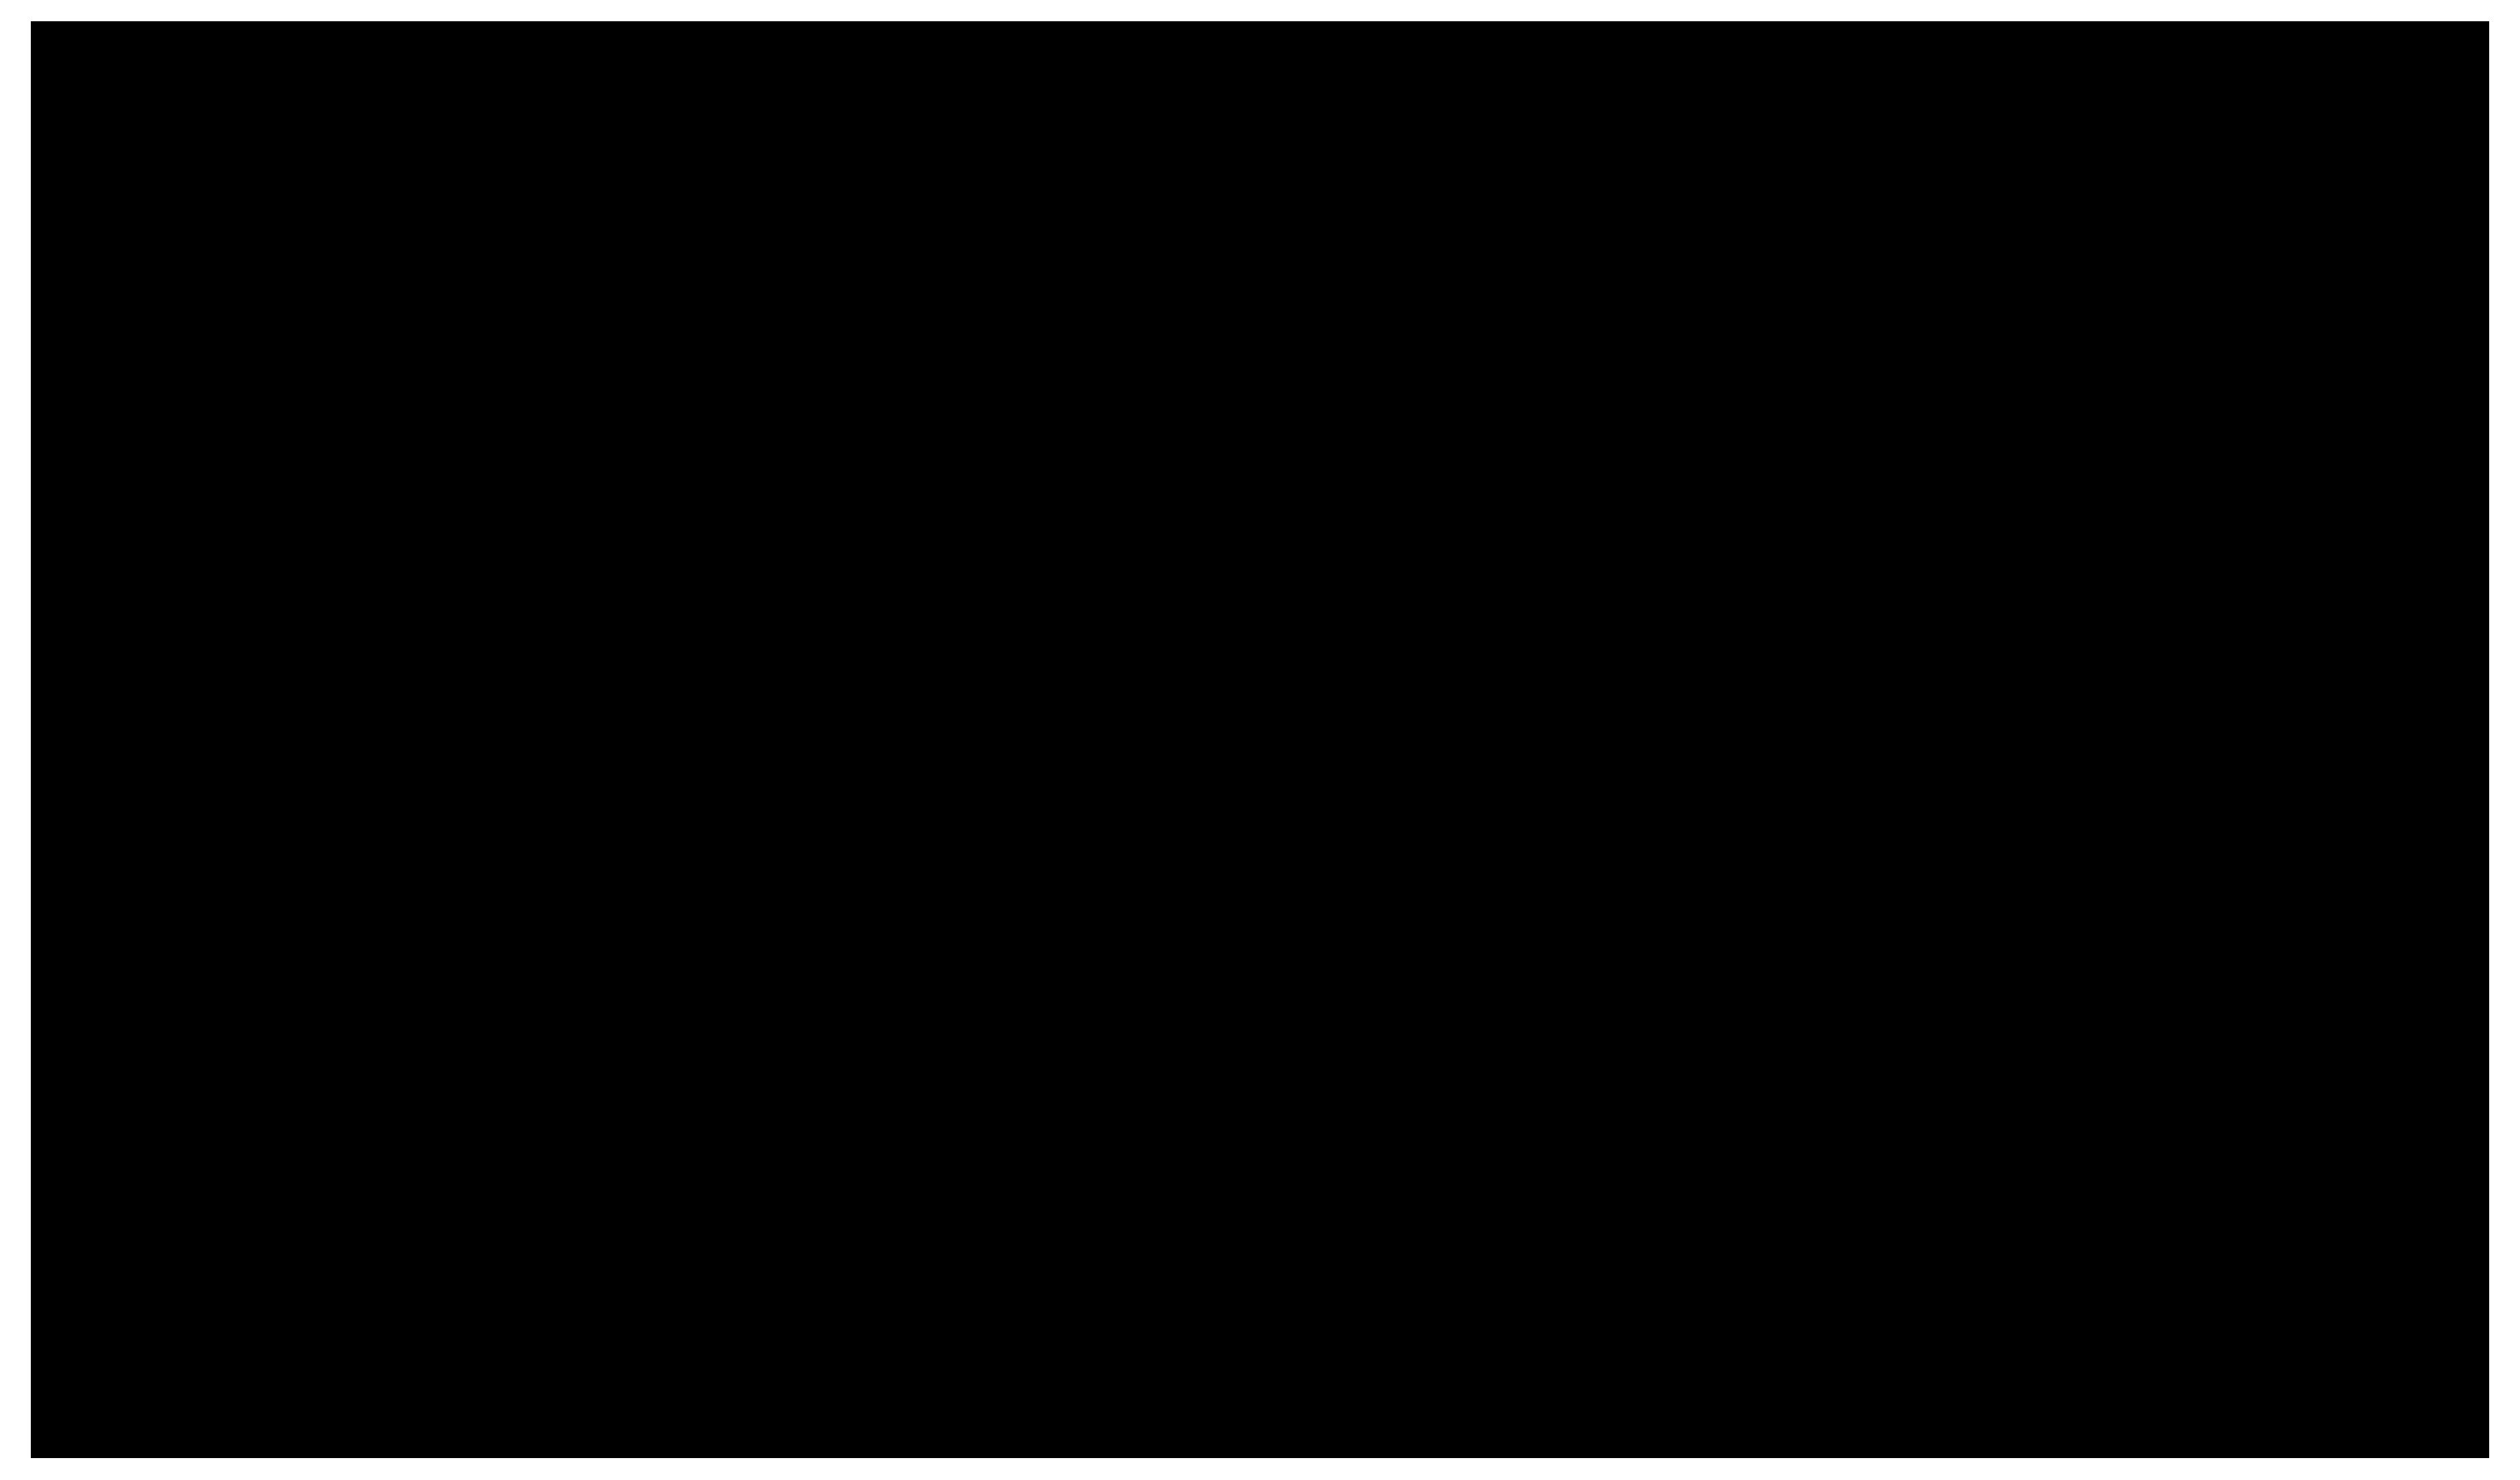 ディップ株式会社